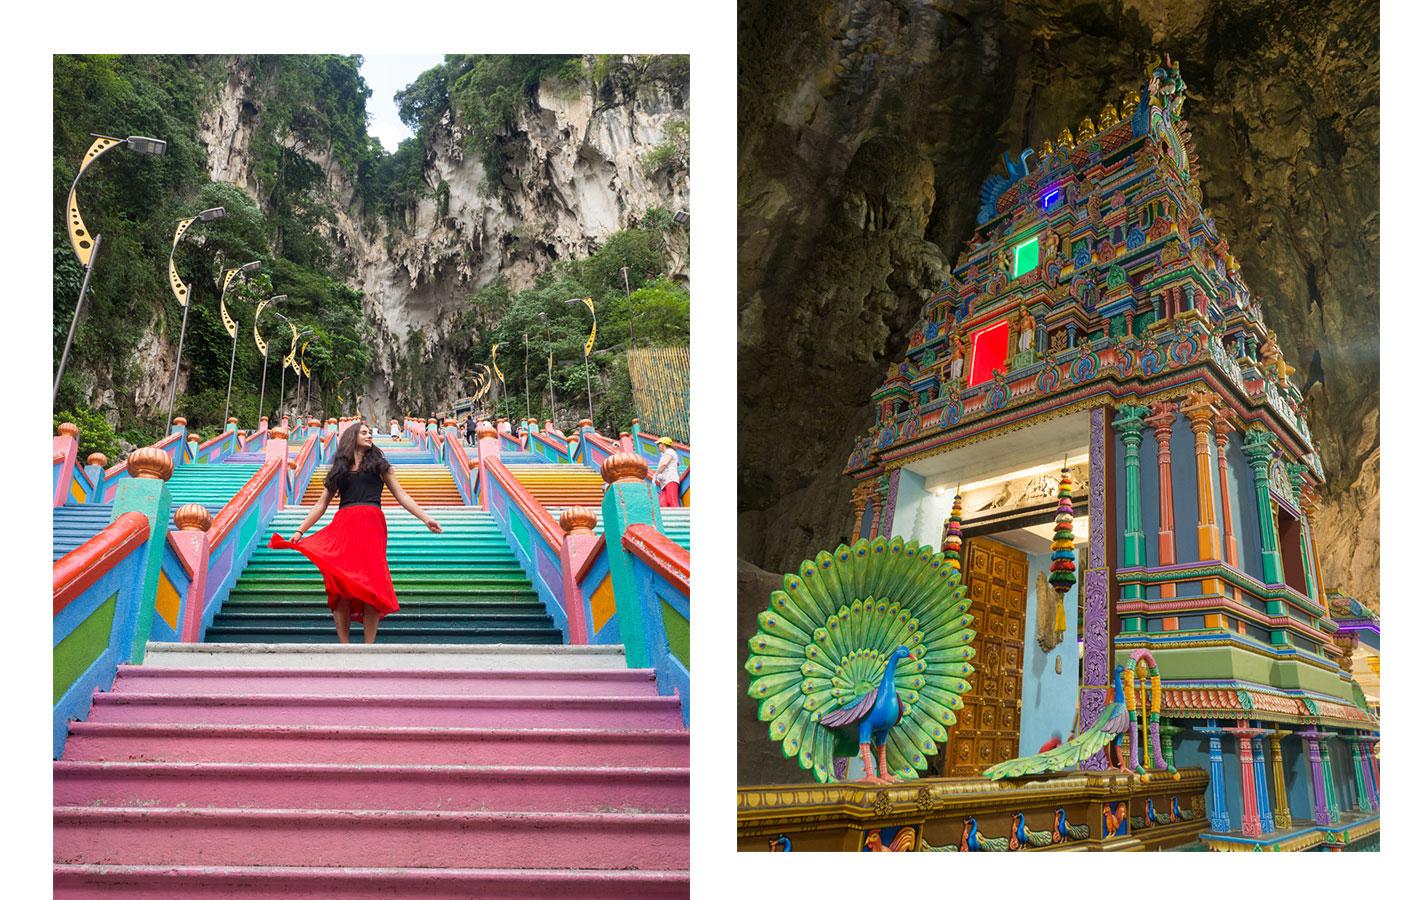 kuala lumpur malaysien batu caves 7 - Highlights für einen Stopover in Kuala Lumpur – Was ihr in 24 Stunden unbedingt sehen müsst